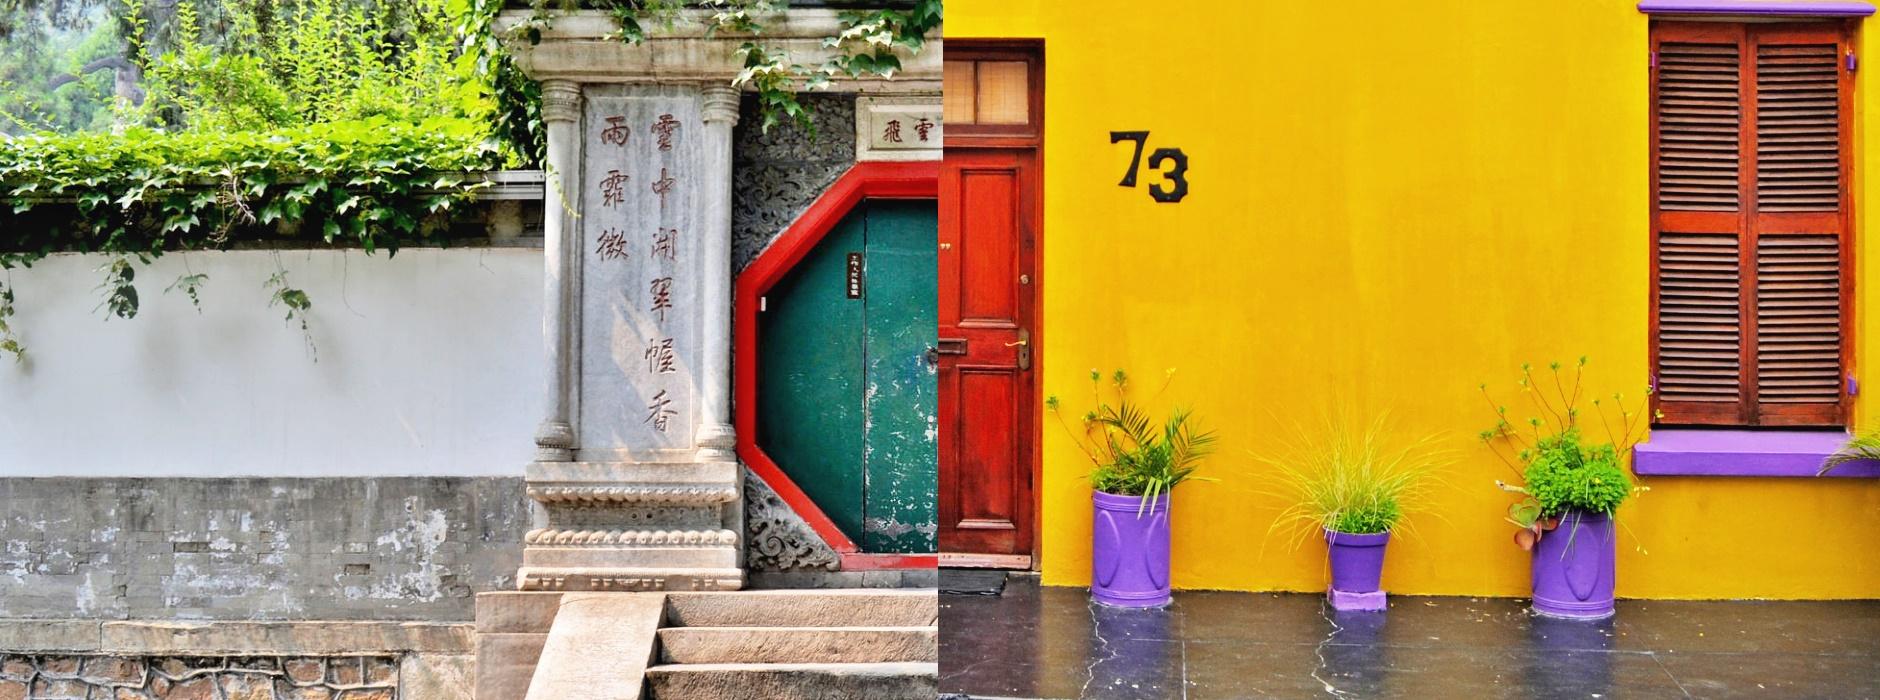 Doorways around the world.